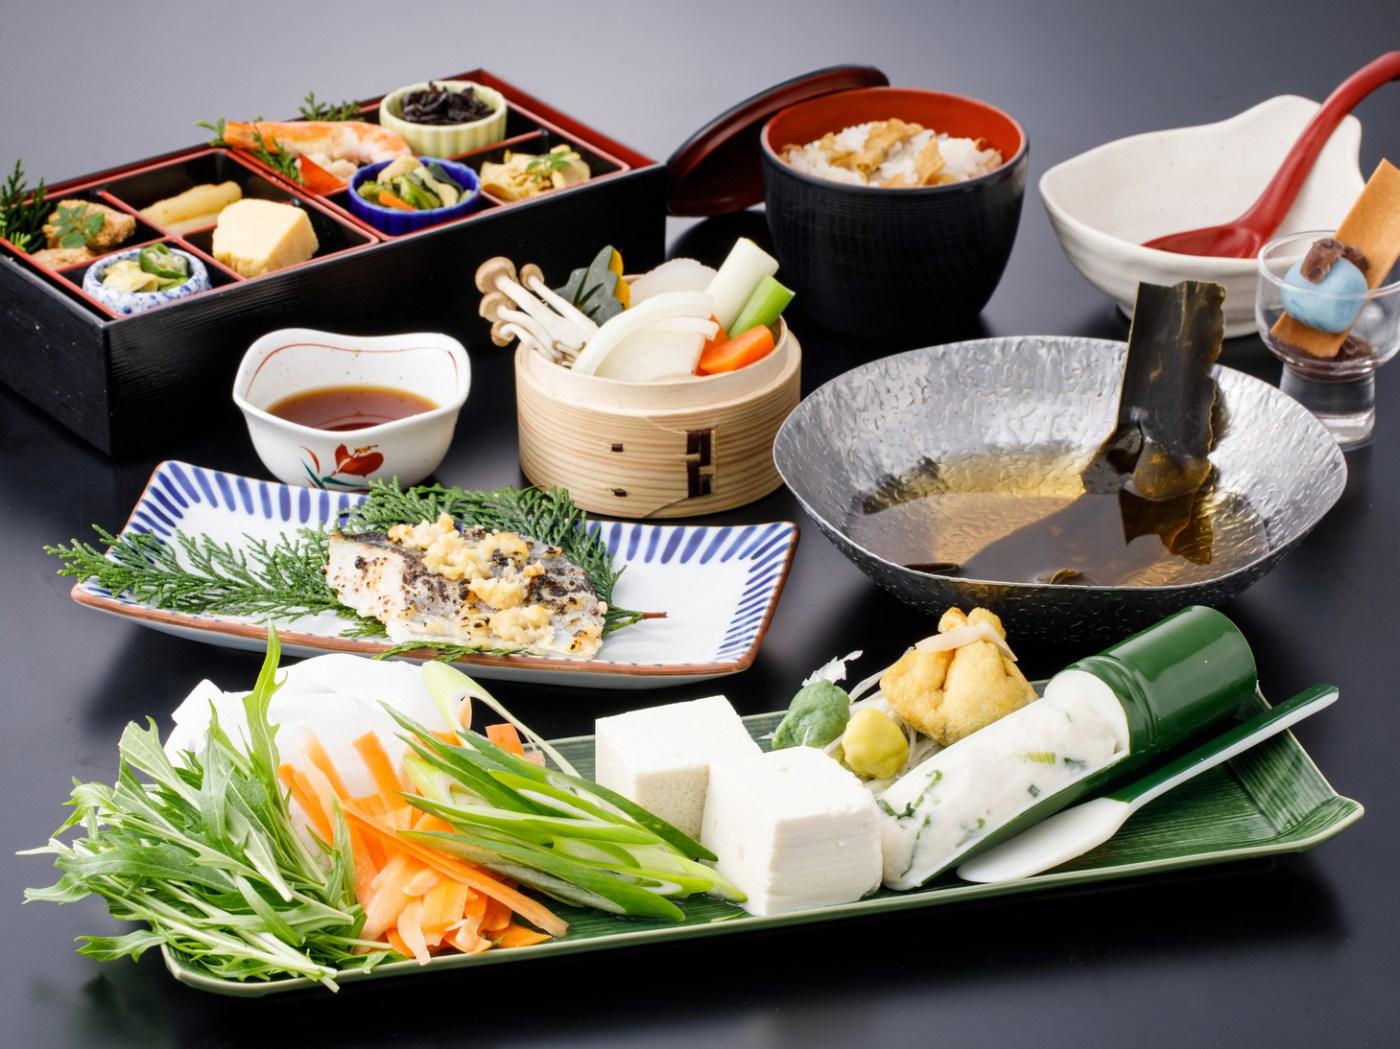 嵐山湯豆腐と京野菜のつみれ鍋膳「愛宕」